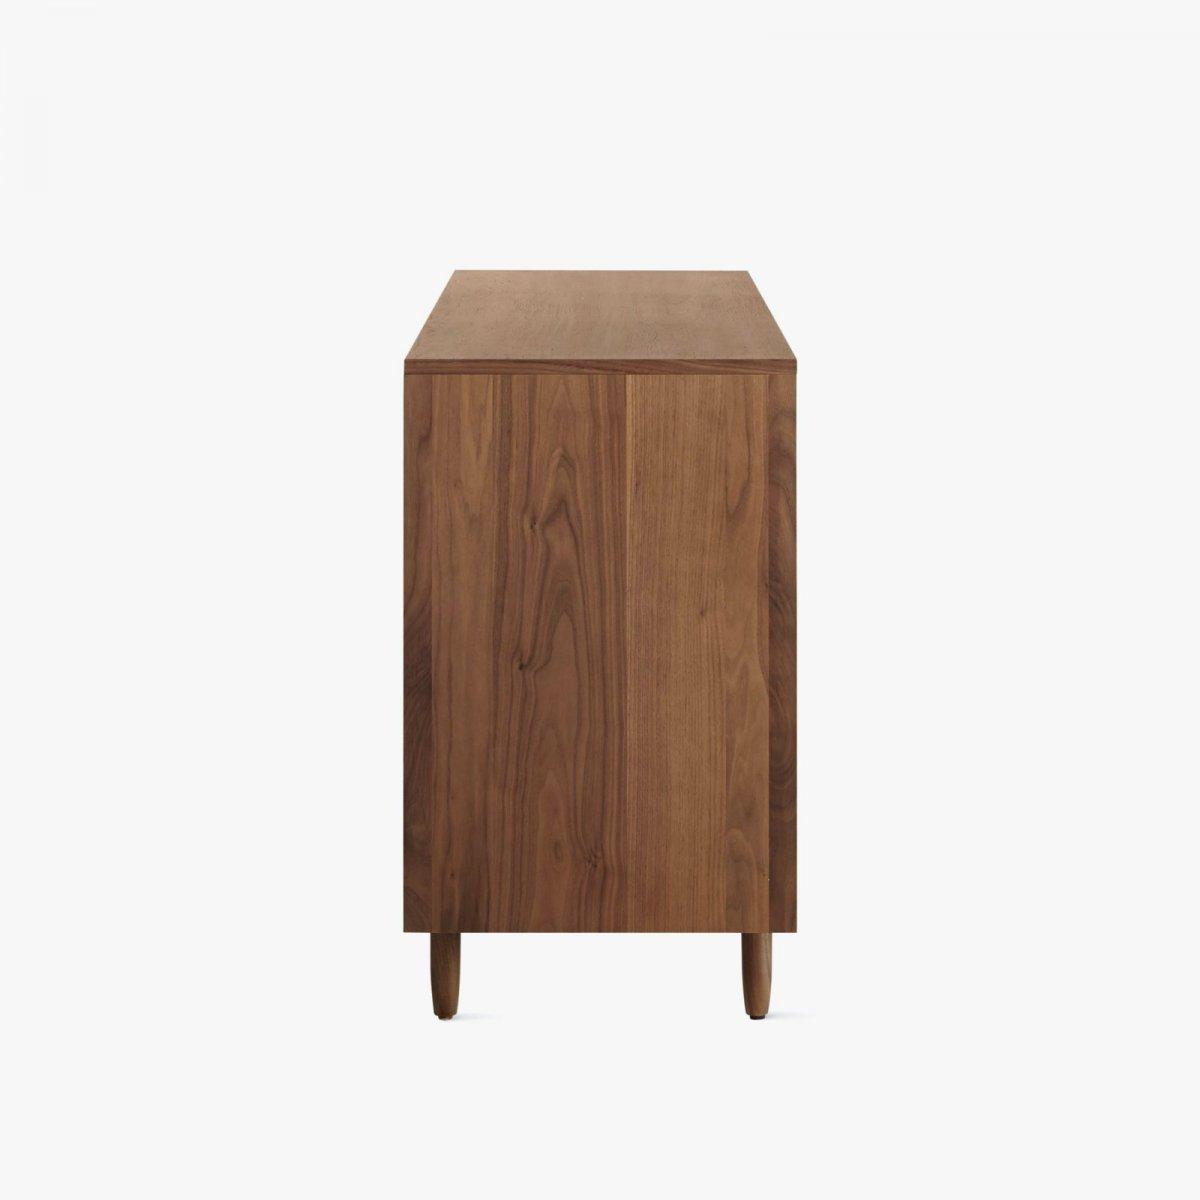 Raleigh Wide Dresser, walnut, side view.